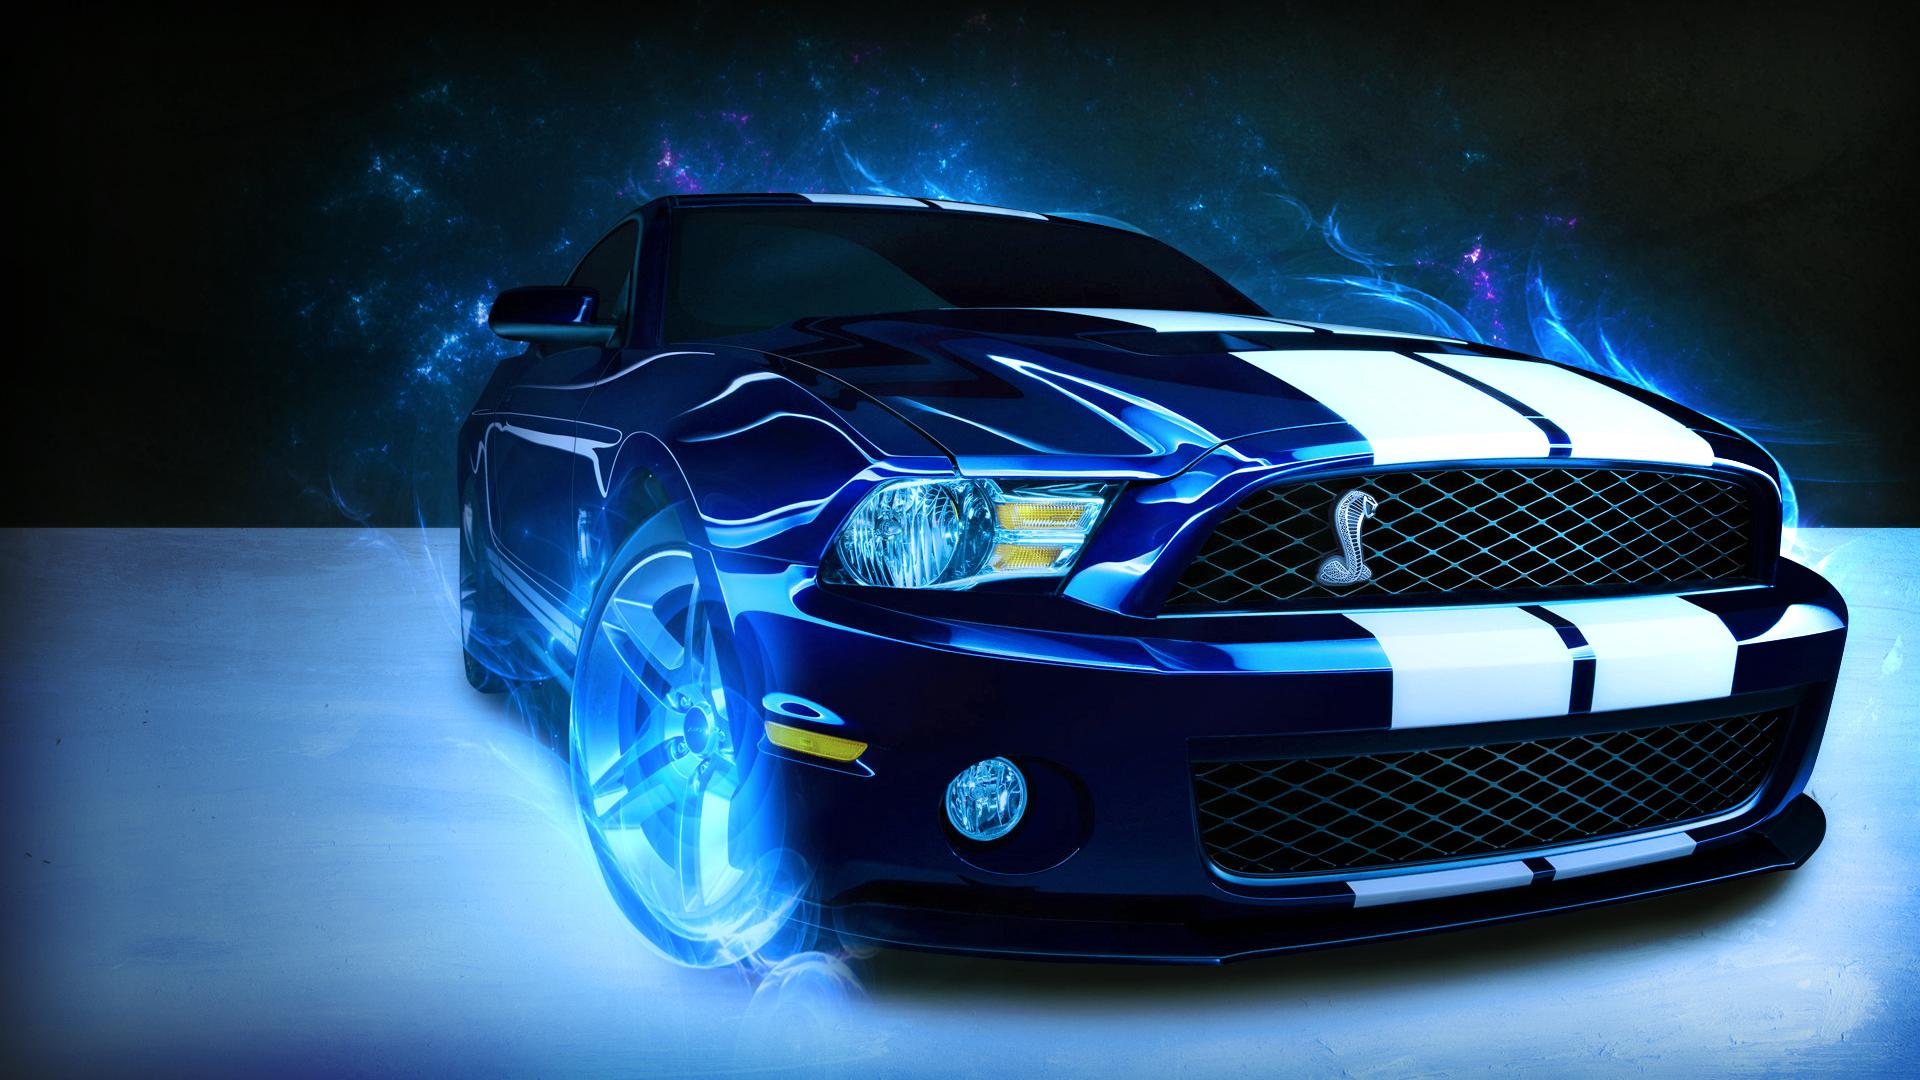 Cool Car Wallpapers HD 1080p - WallpaperSafari